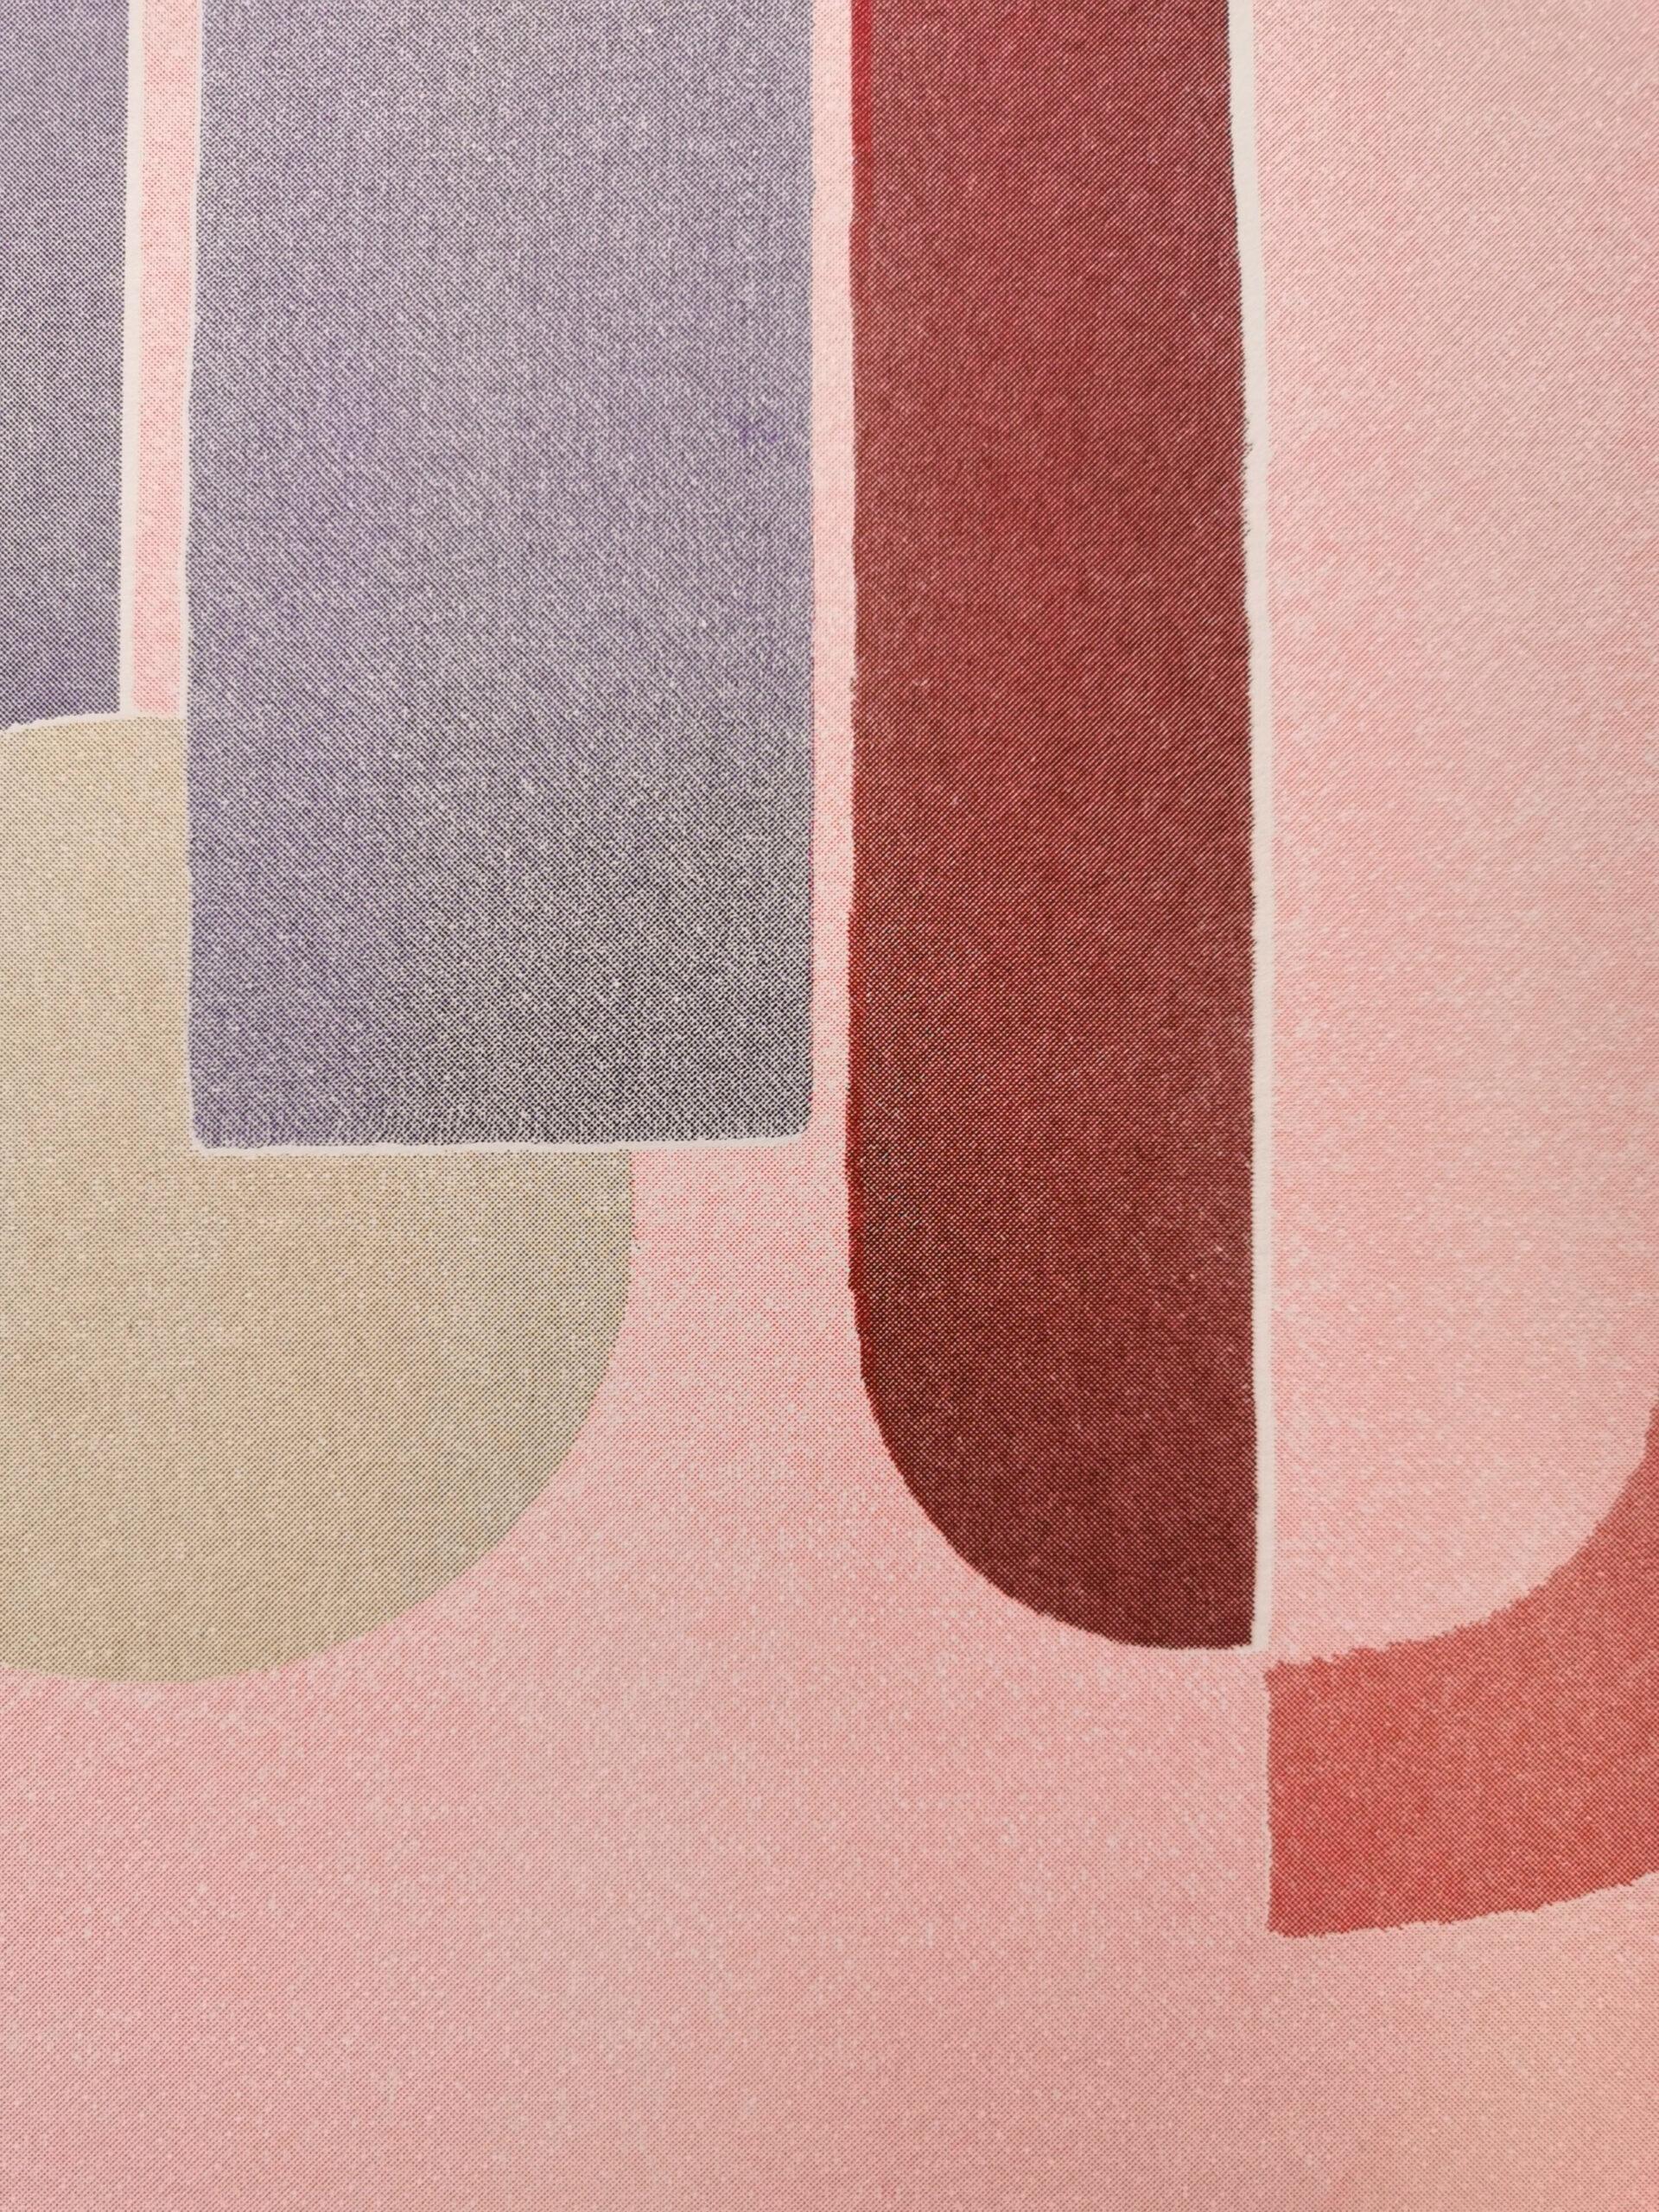 risographie graphic design sonia laudet